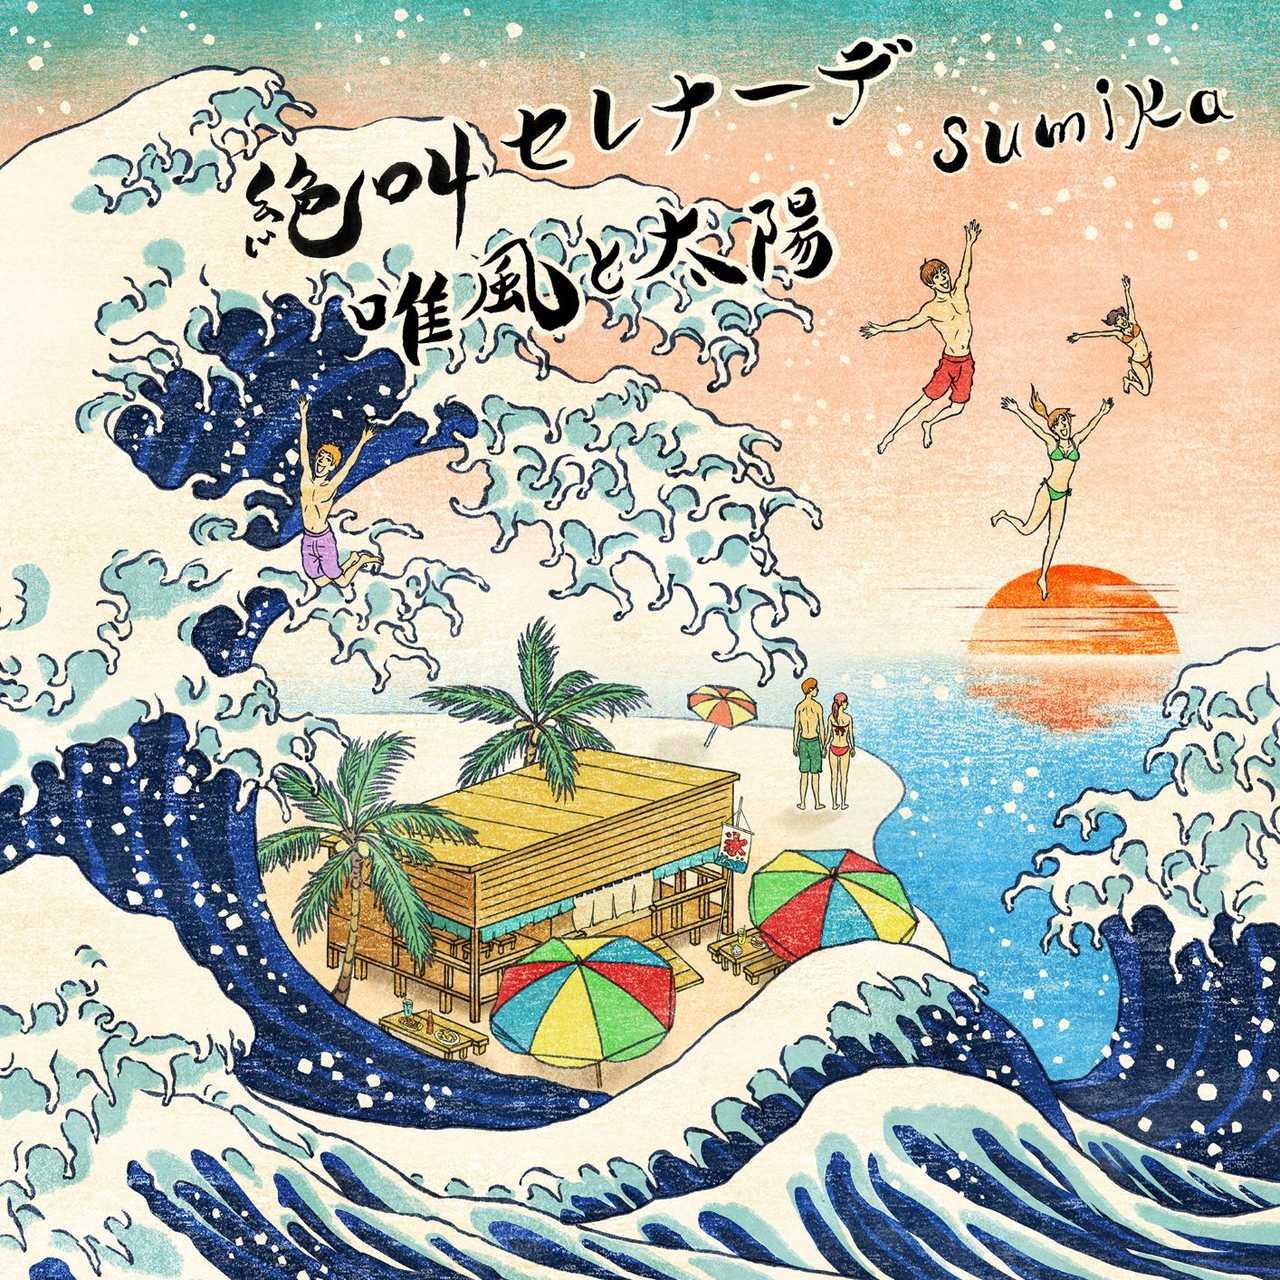 配信楽曲「絶叫セレナーデ」、「唯風と太陽」